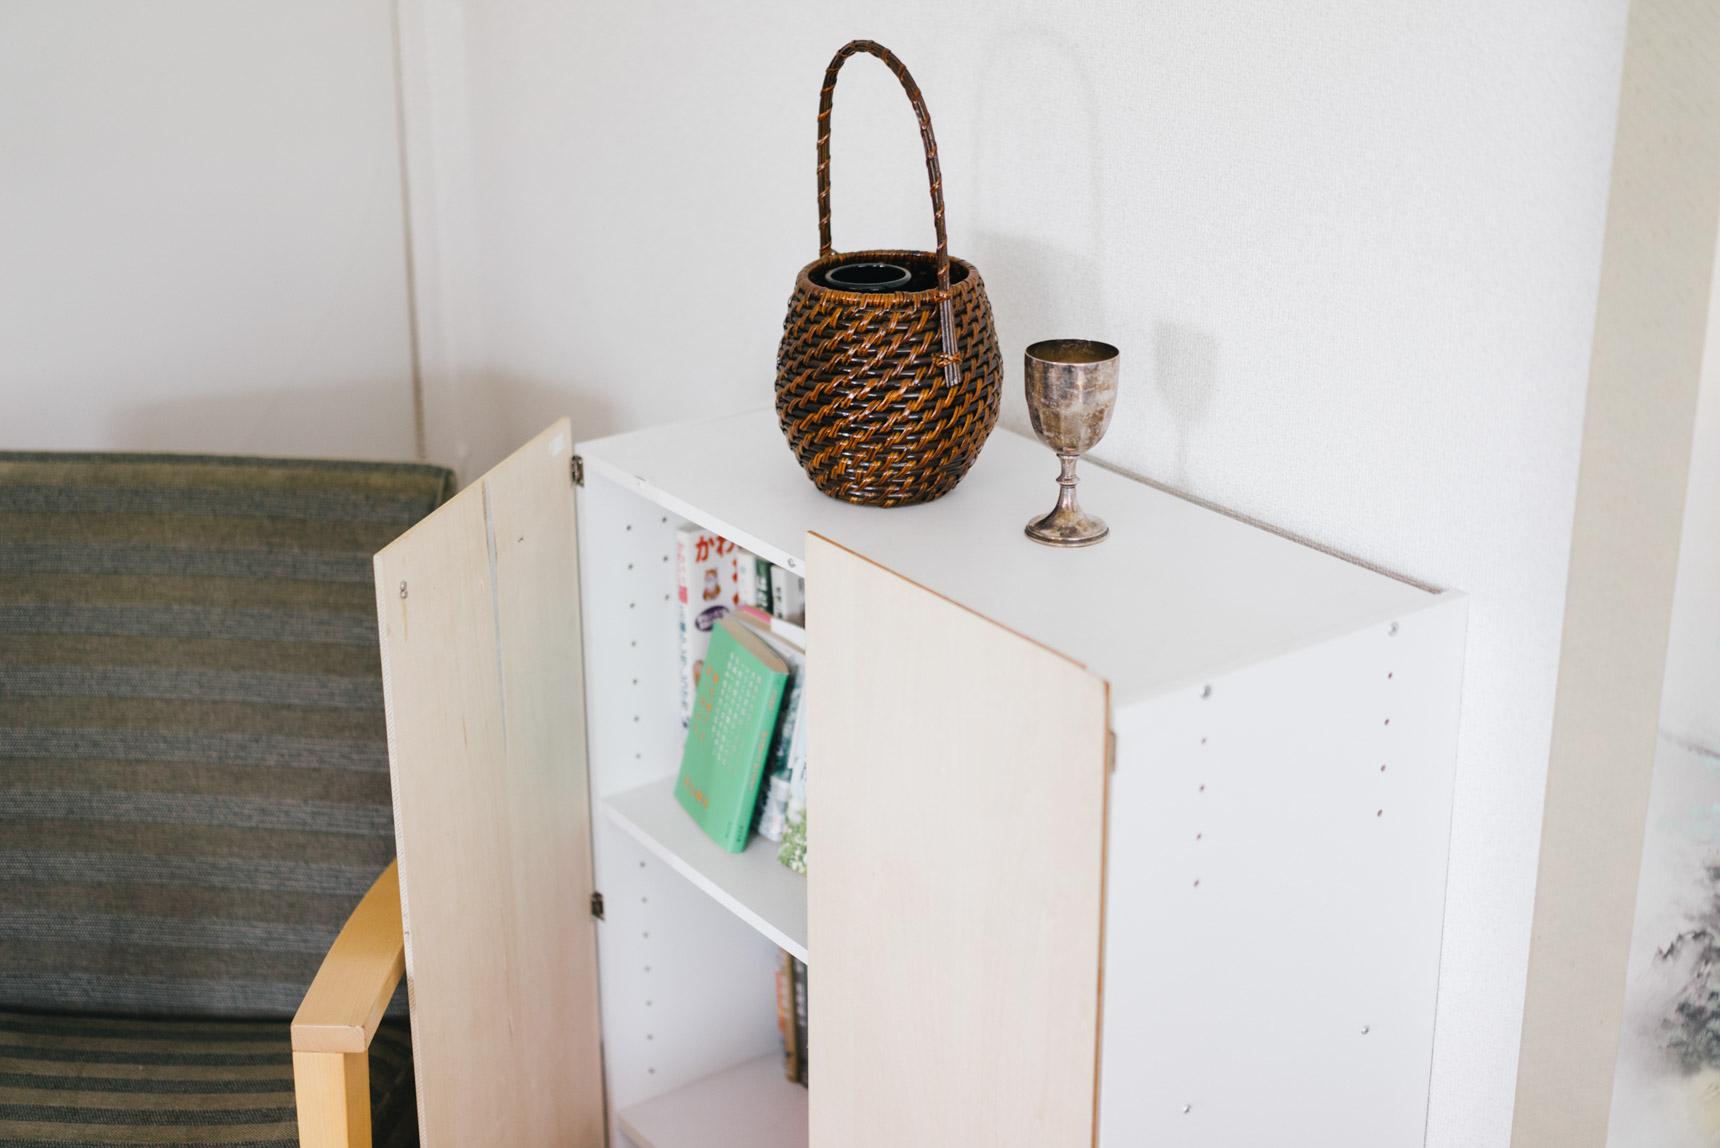 コミックスなどカラフルな本をしまうときは、扉のついている家具がスッキリ見えて便利。こちらはカラーボックスに蝶番とマグネットを使って扉をつけた例。このひと手間で、リビングが落ち着いた雰囲気になります。